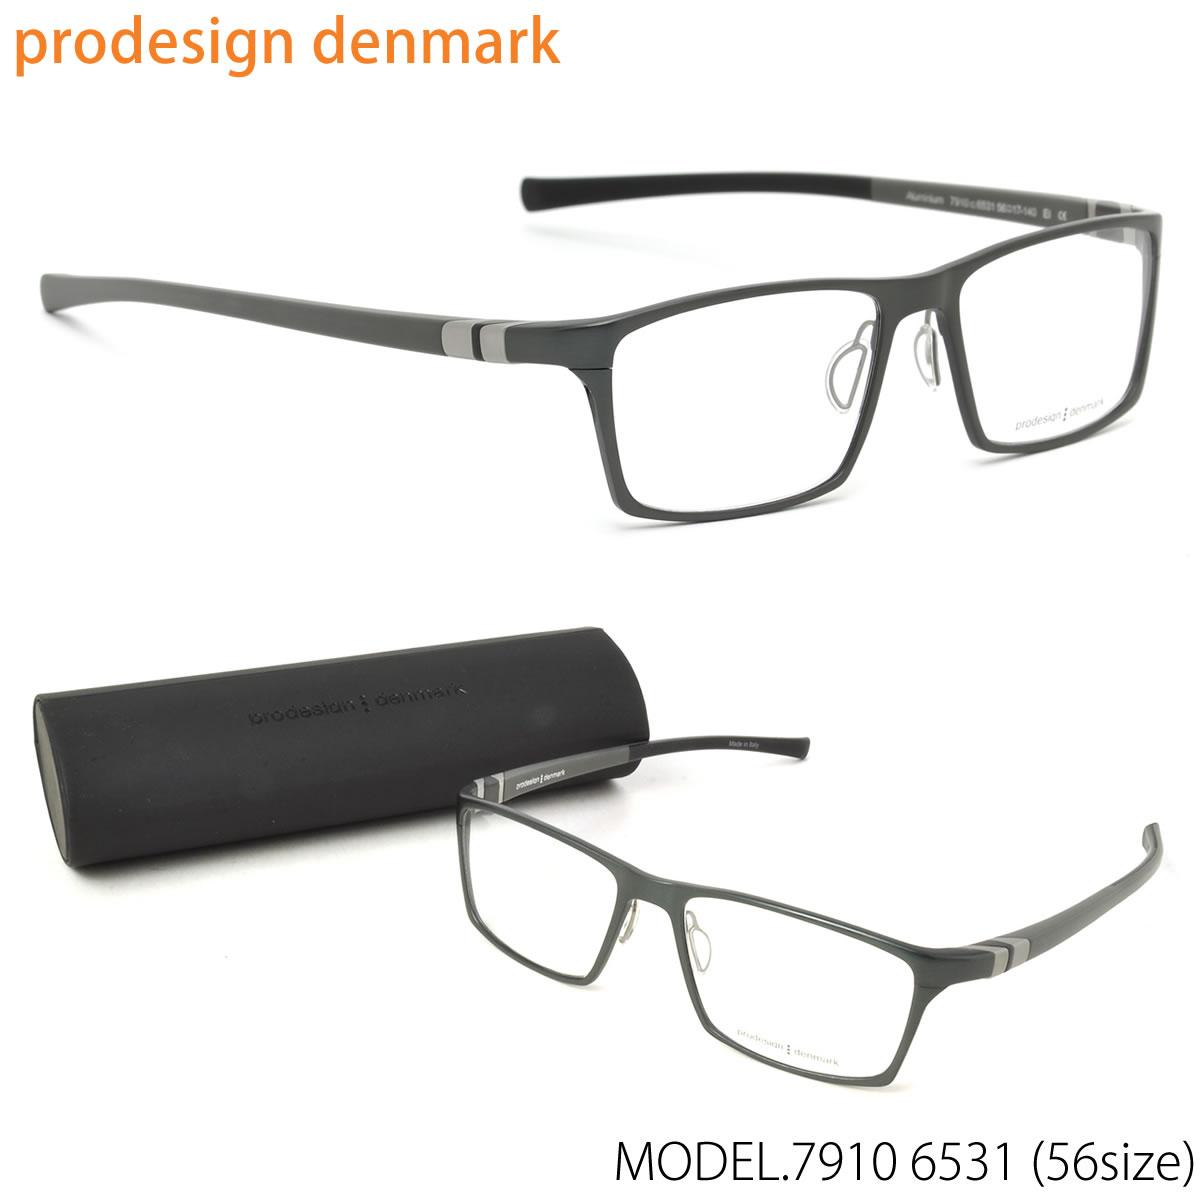 【10月30日からエントリーで全品ポイント20倍】prodesign:denmark(プロデザインデンマーク) メガネ フレーム 7910 6531 56 北欧 アイウェアオブザイヤー 伊達メガネレンズ無料 プロデザインデンマーク prodesign:denmark メンズ レディース【LOS30】